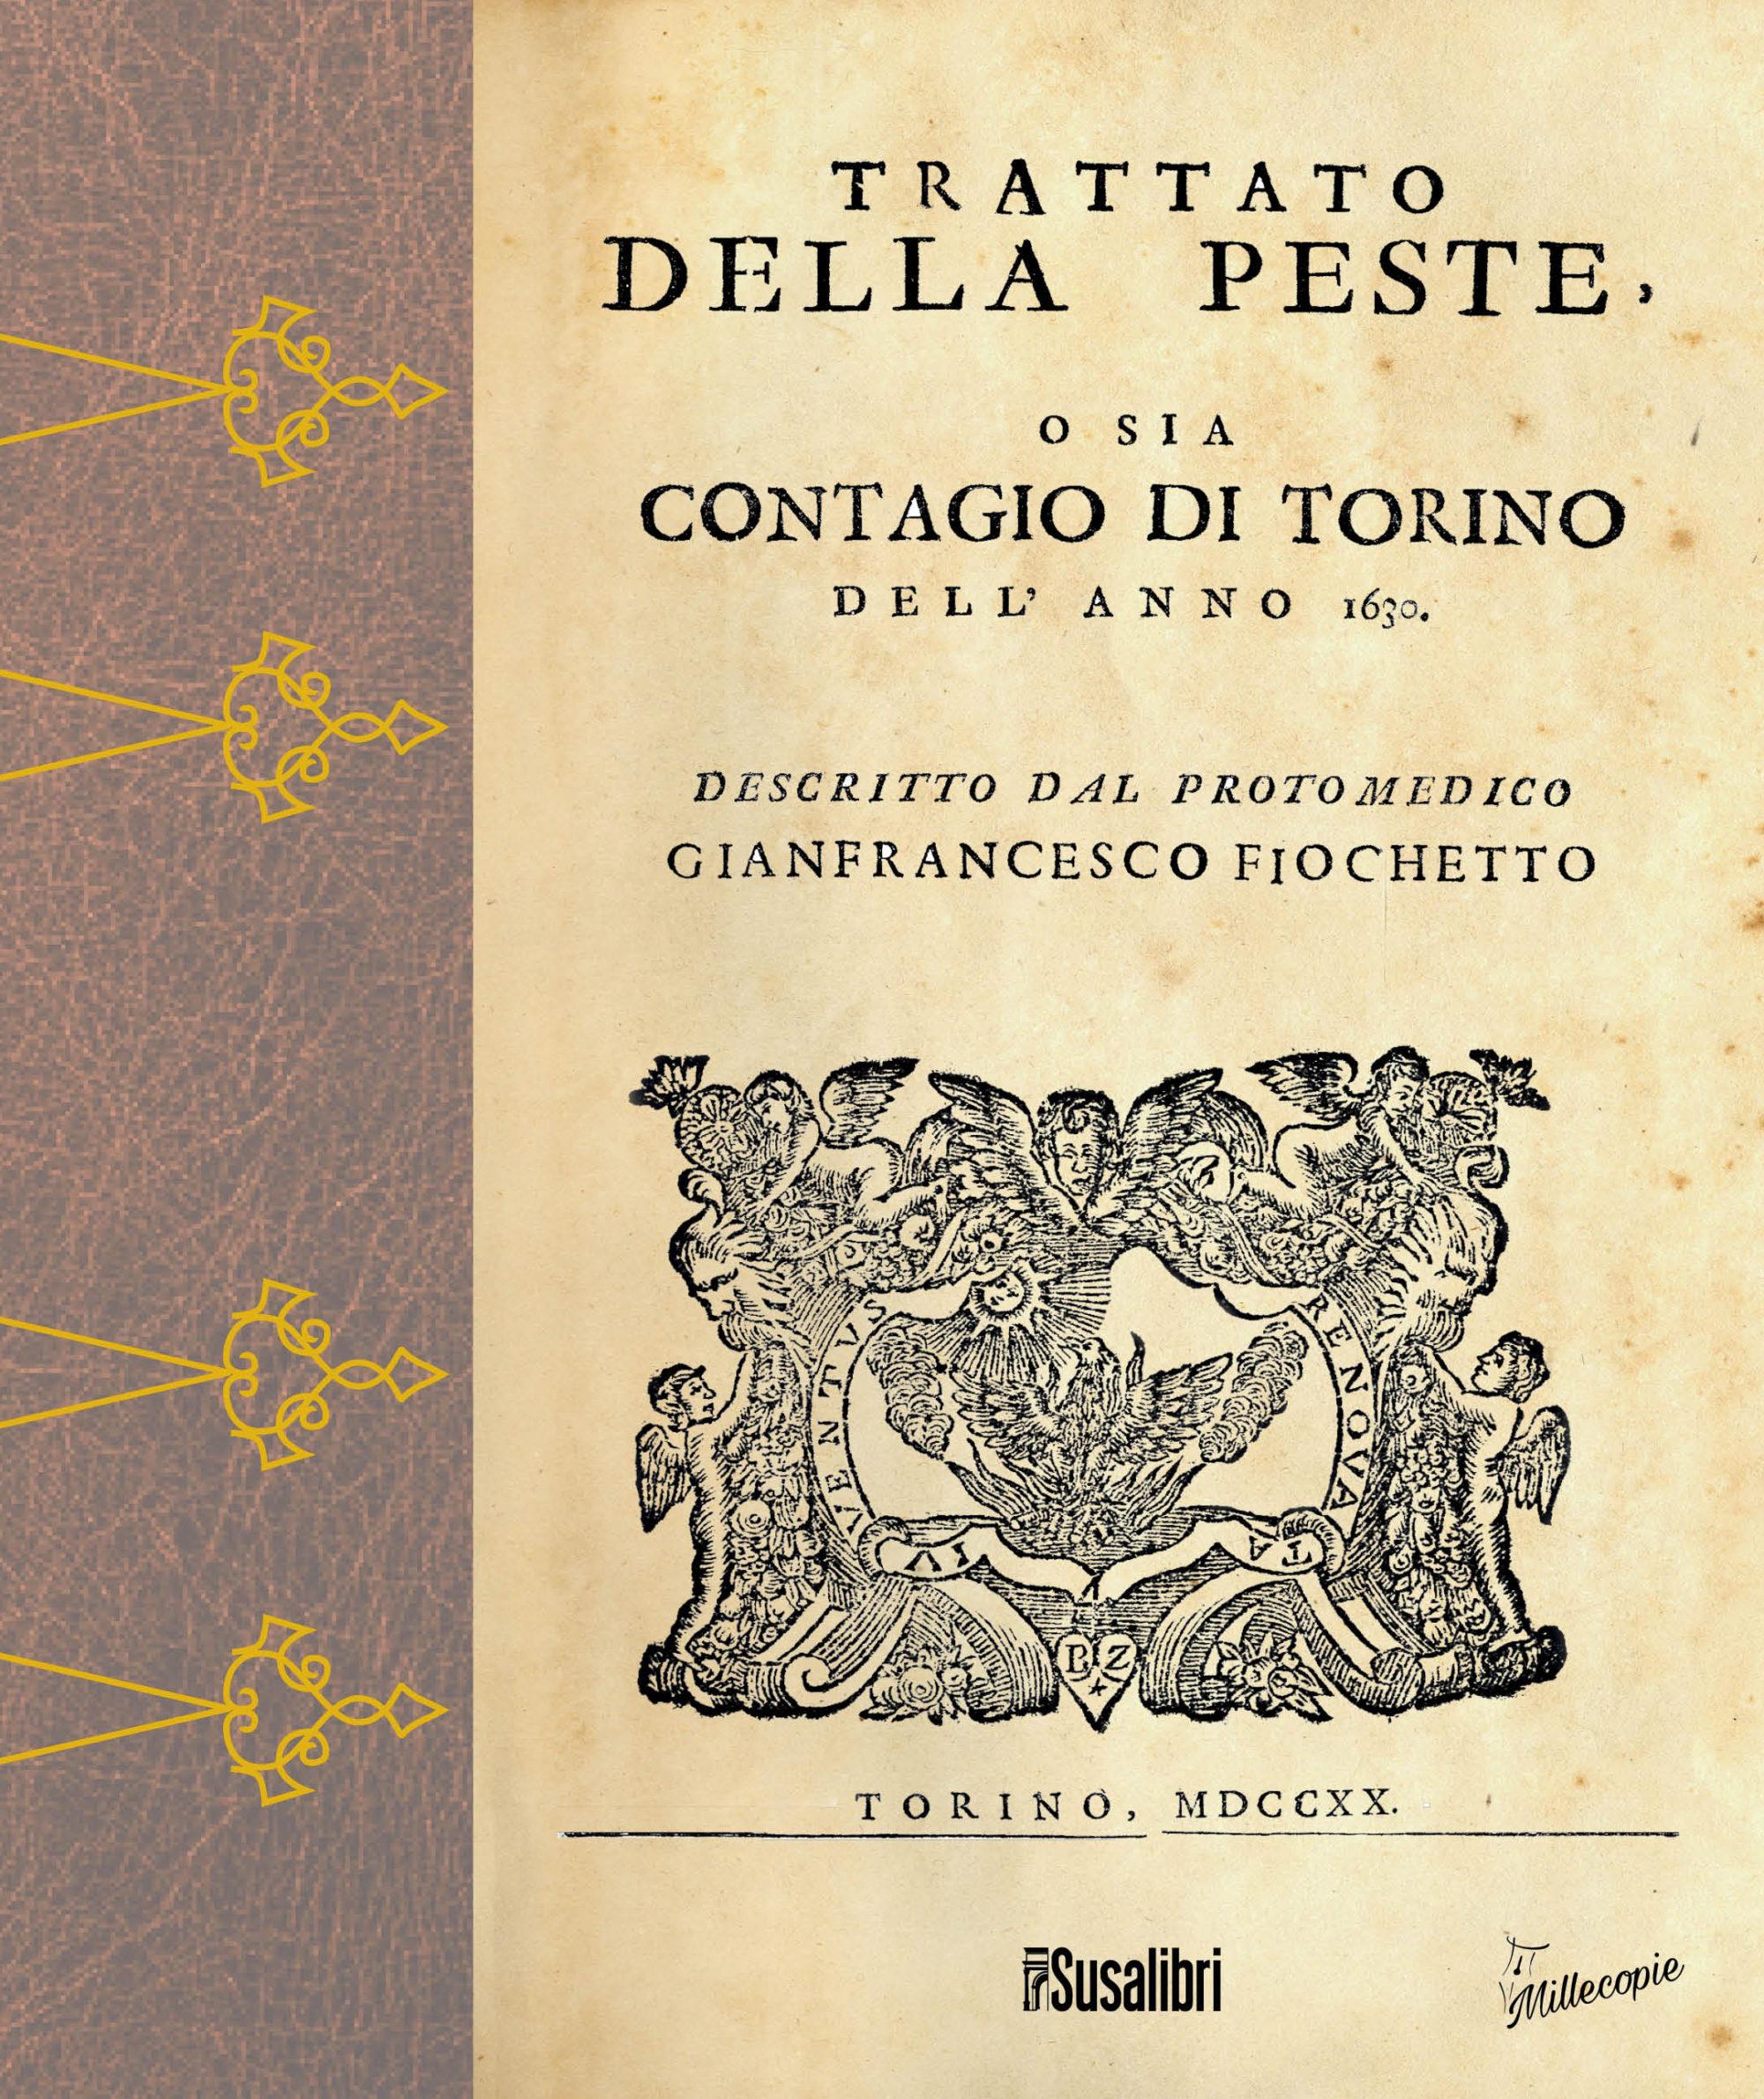 Trattato  della peste. O sia contagio di Torino dell'anno 1630  Descritto dal protomedico  Gianfrancesco Fiocchetto